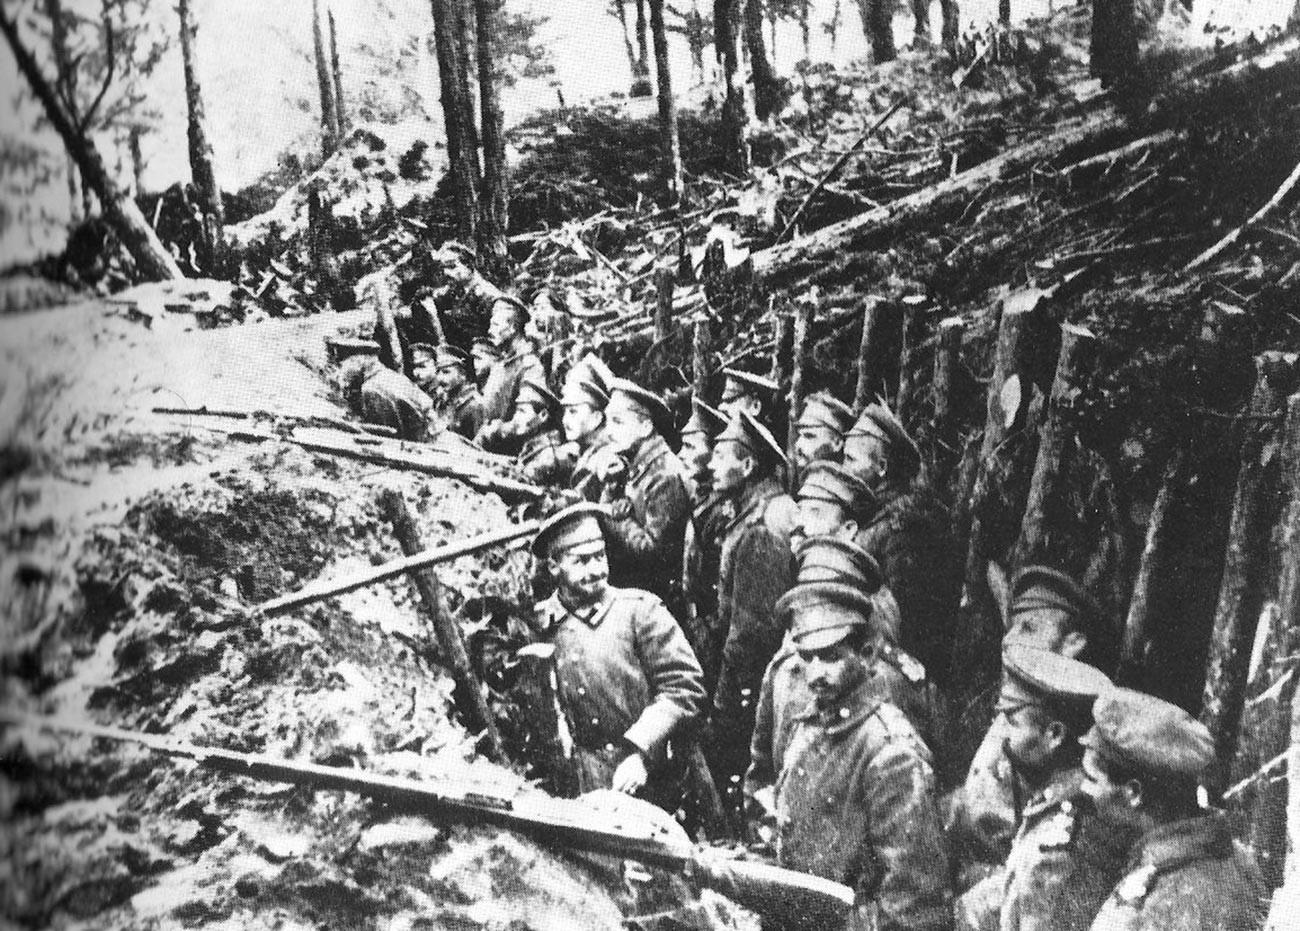 Руски ровови у шумама Саракамиша.